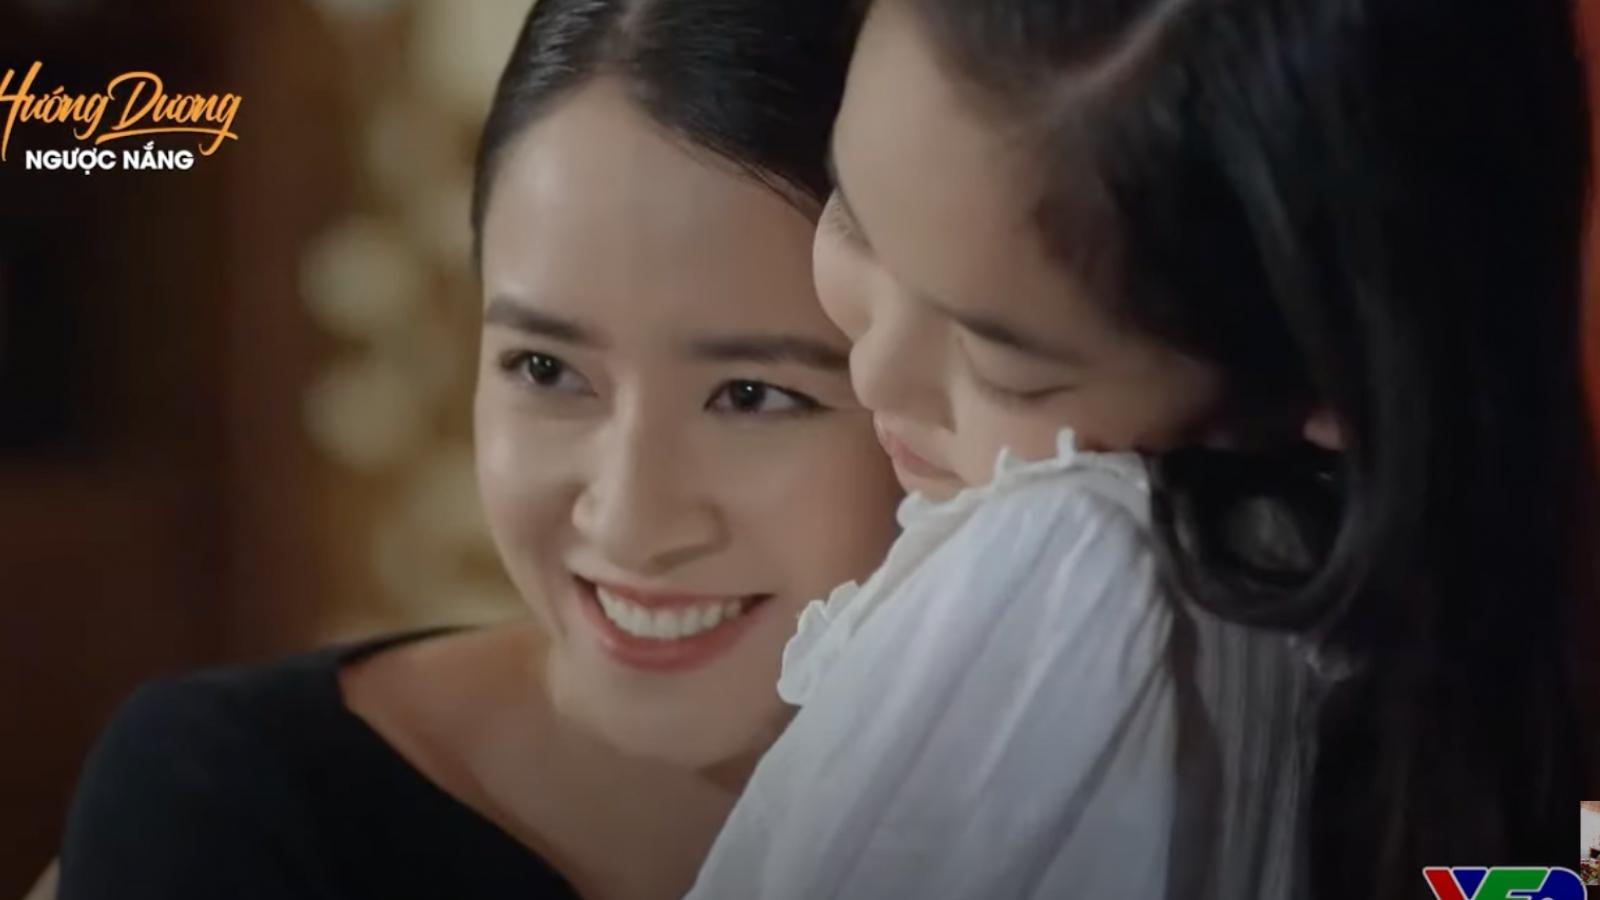 """""""Hướng dương ngược nắng"""" tập 60: Mẹ bé Cami rạng rỡ gặp Hoàng"""